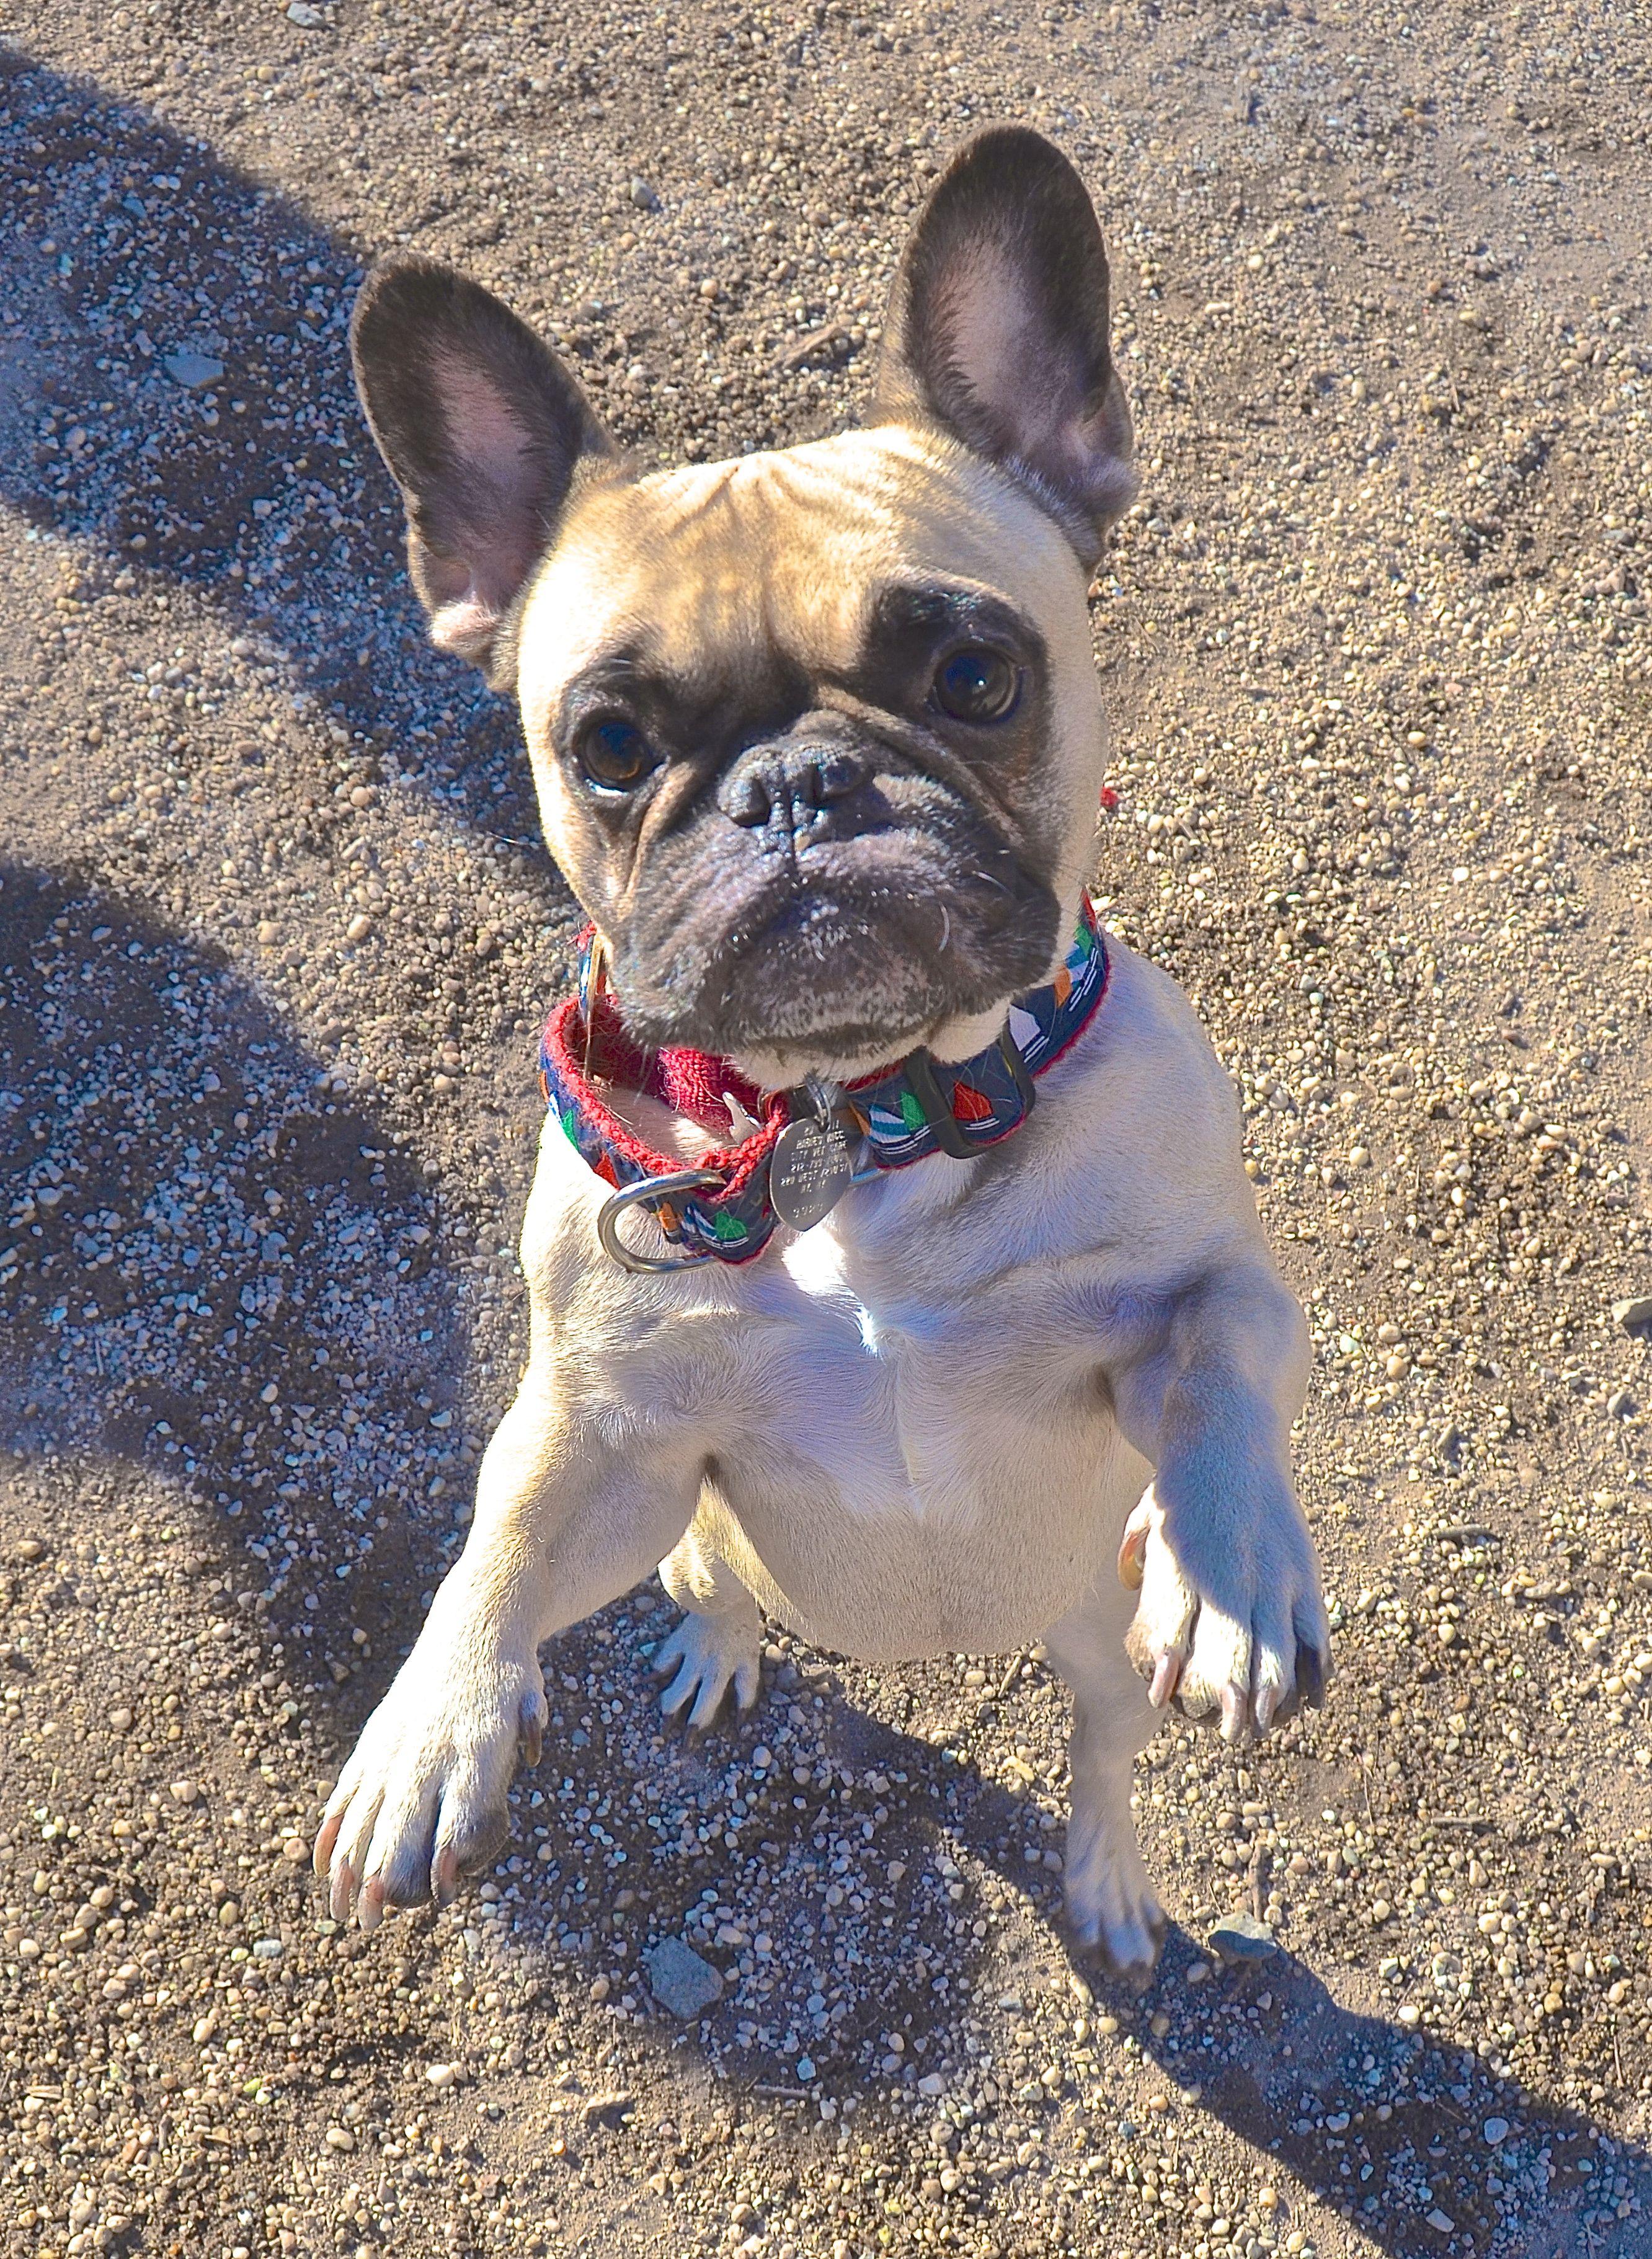 French #Bulldog Cuteness #dog